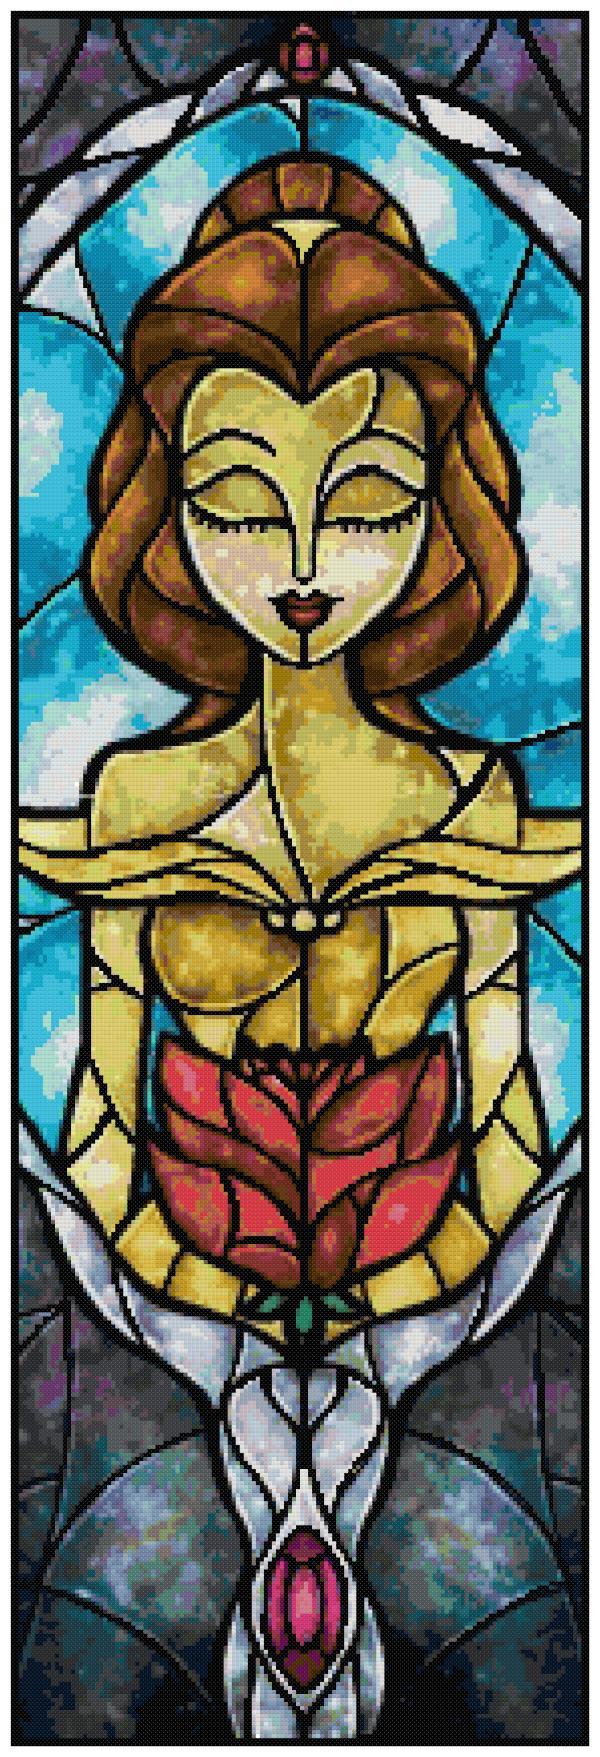 Belle Cross Stitch Pattern